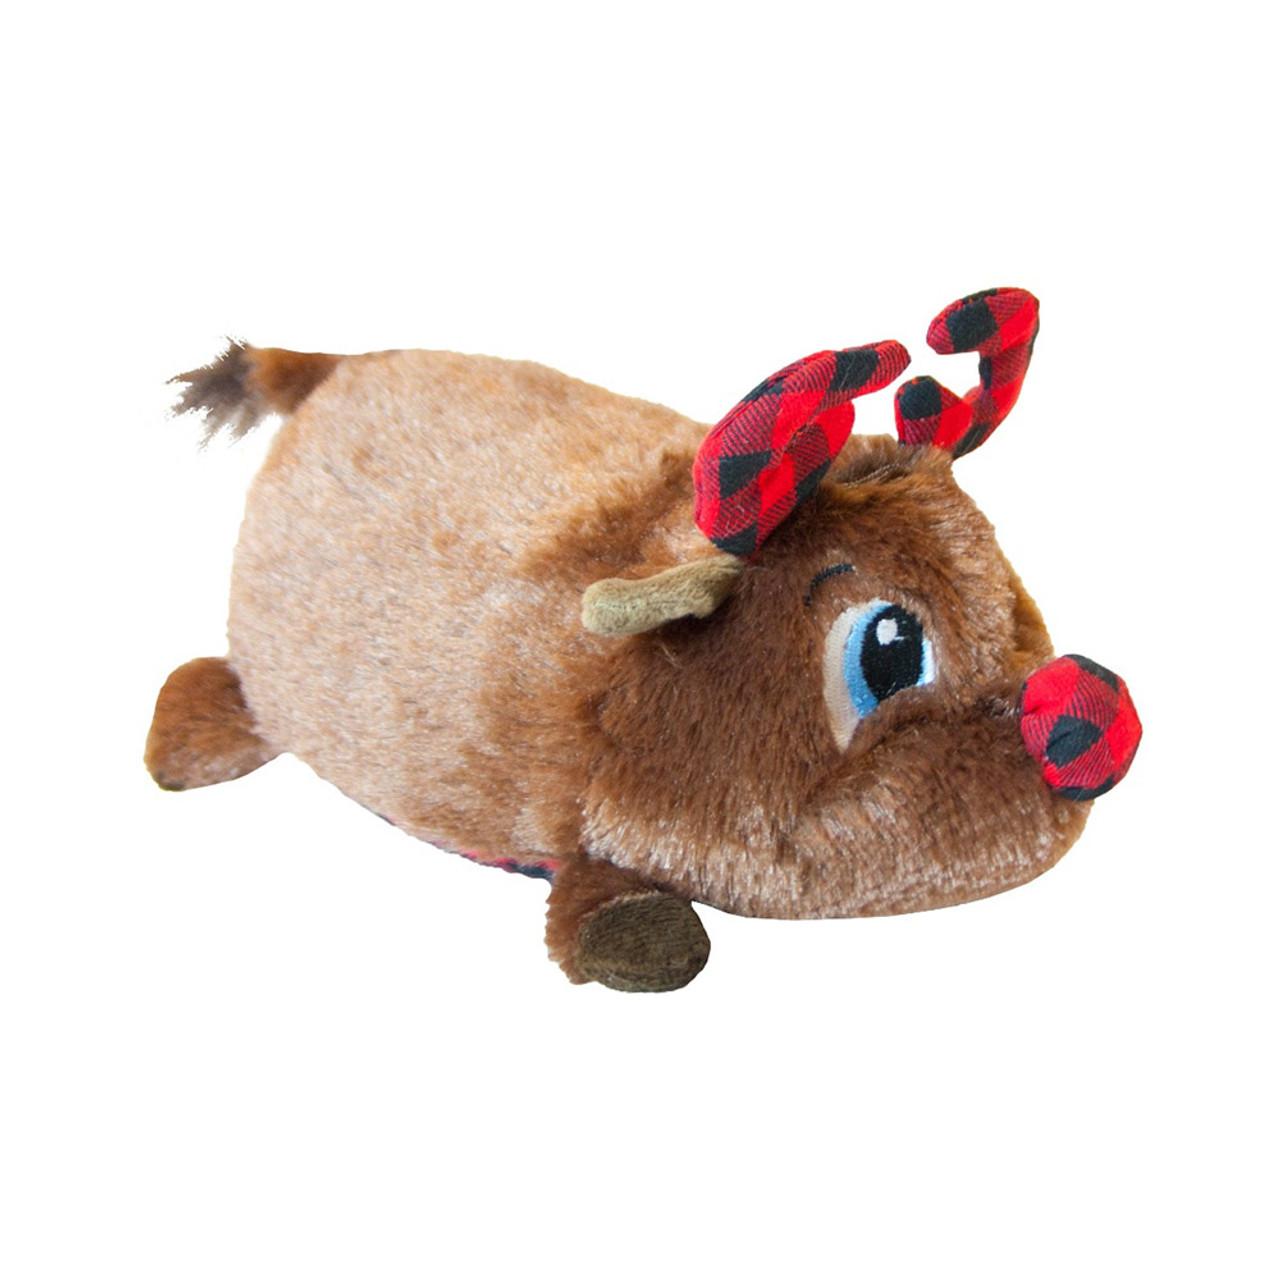 Outward Hound Fattiez Holiday Reindeer Plush Dog Toy